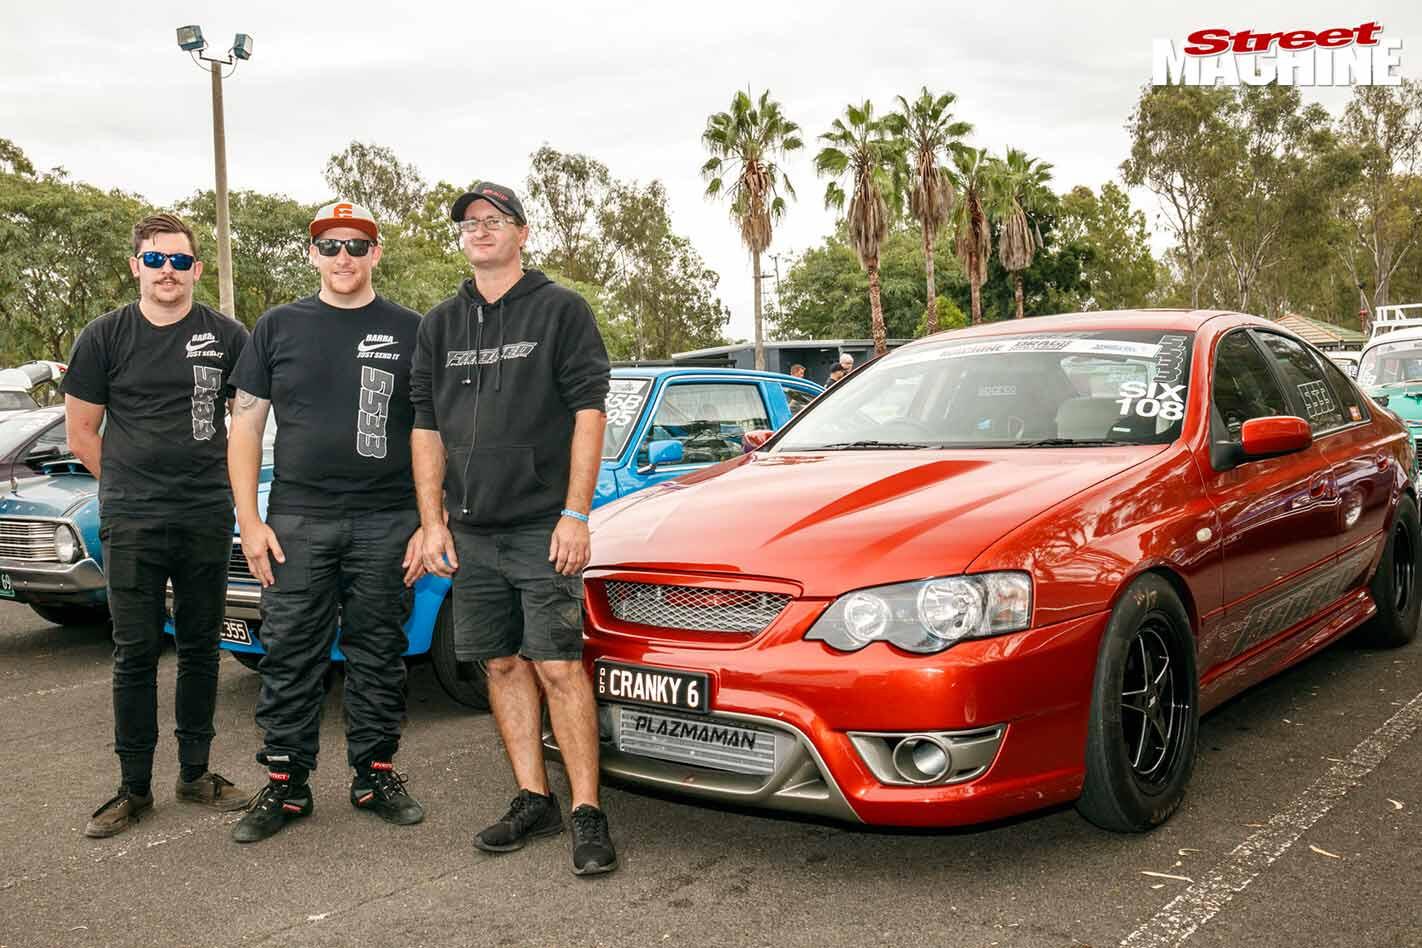 xr6 turbo developments